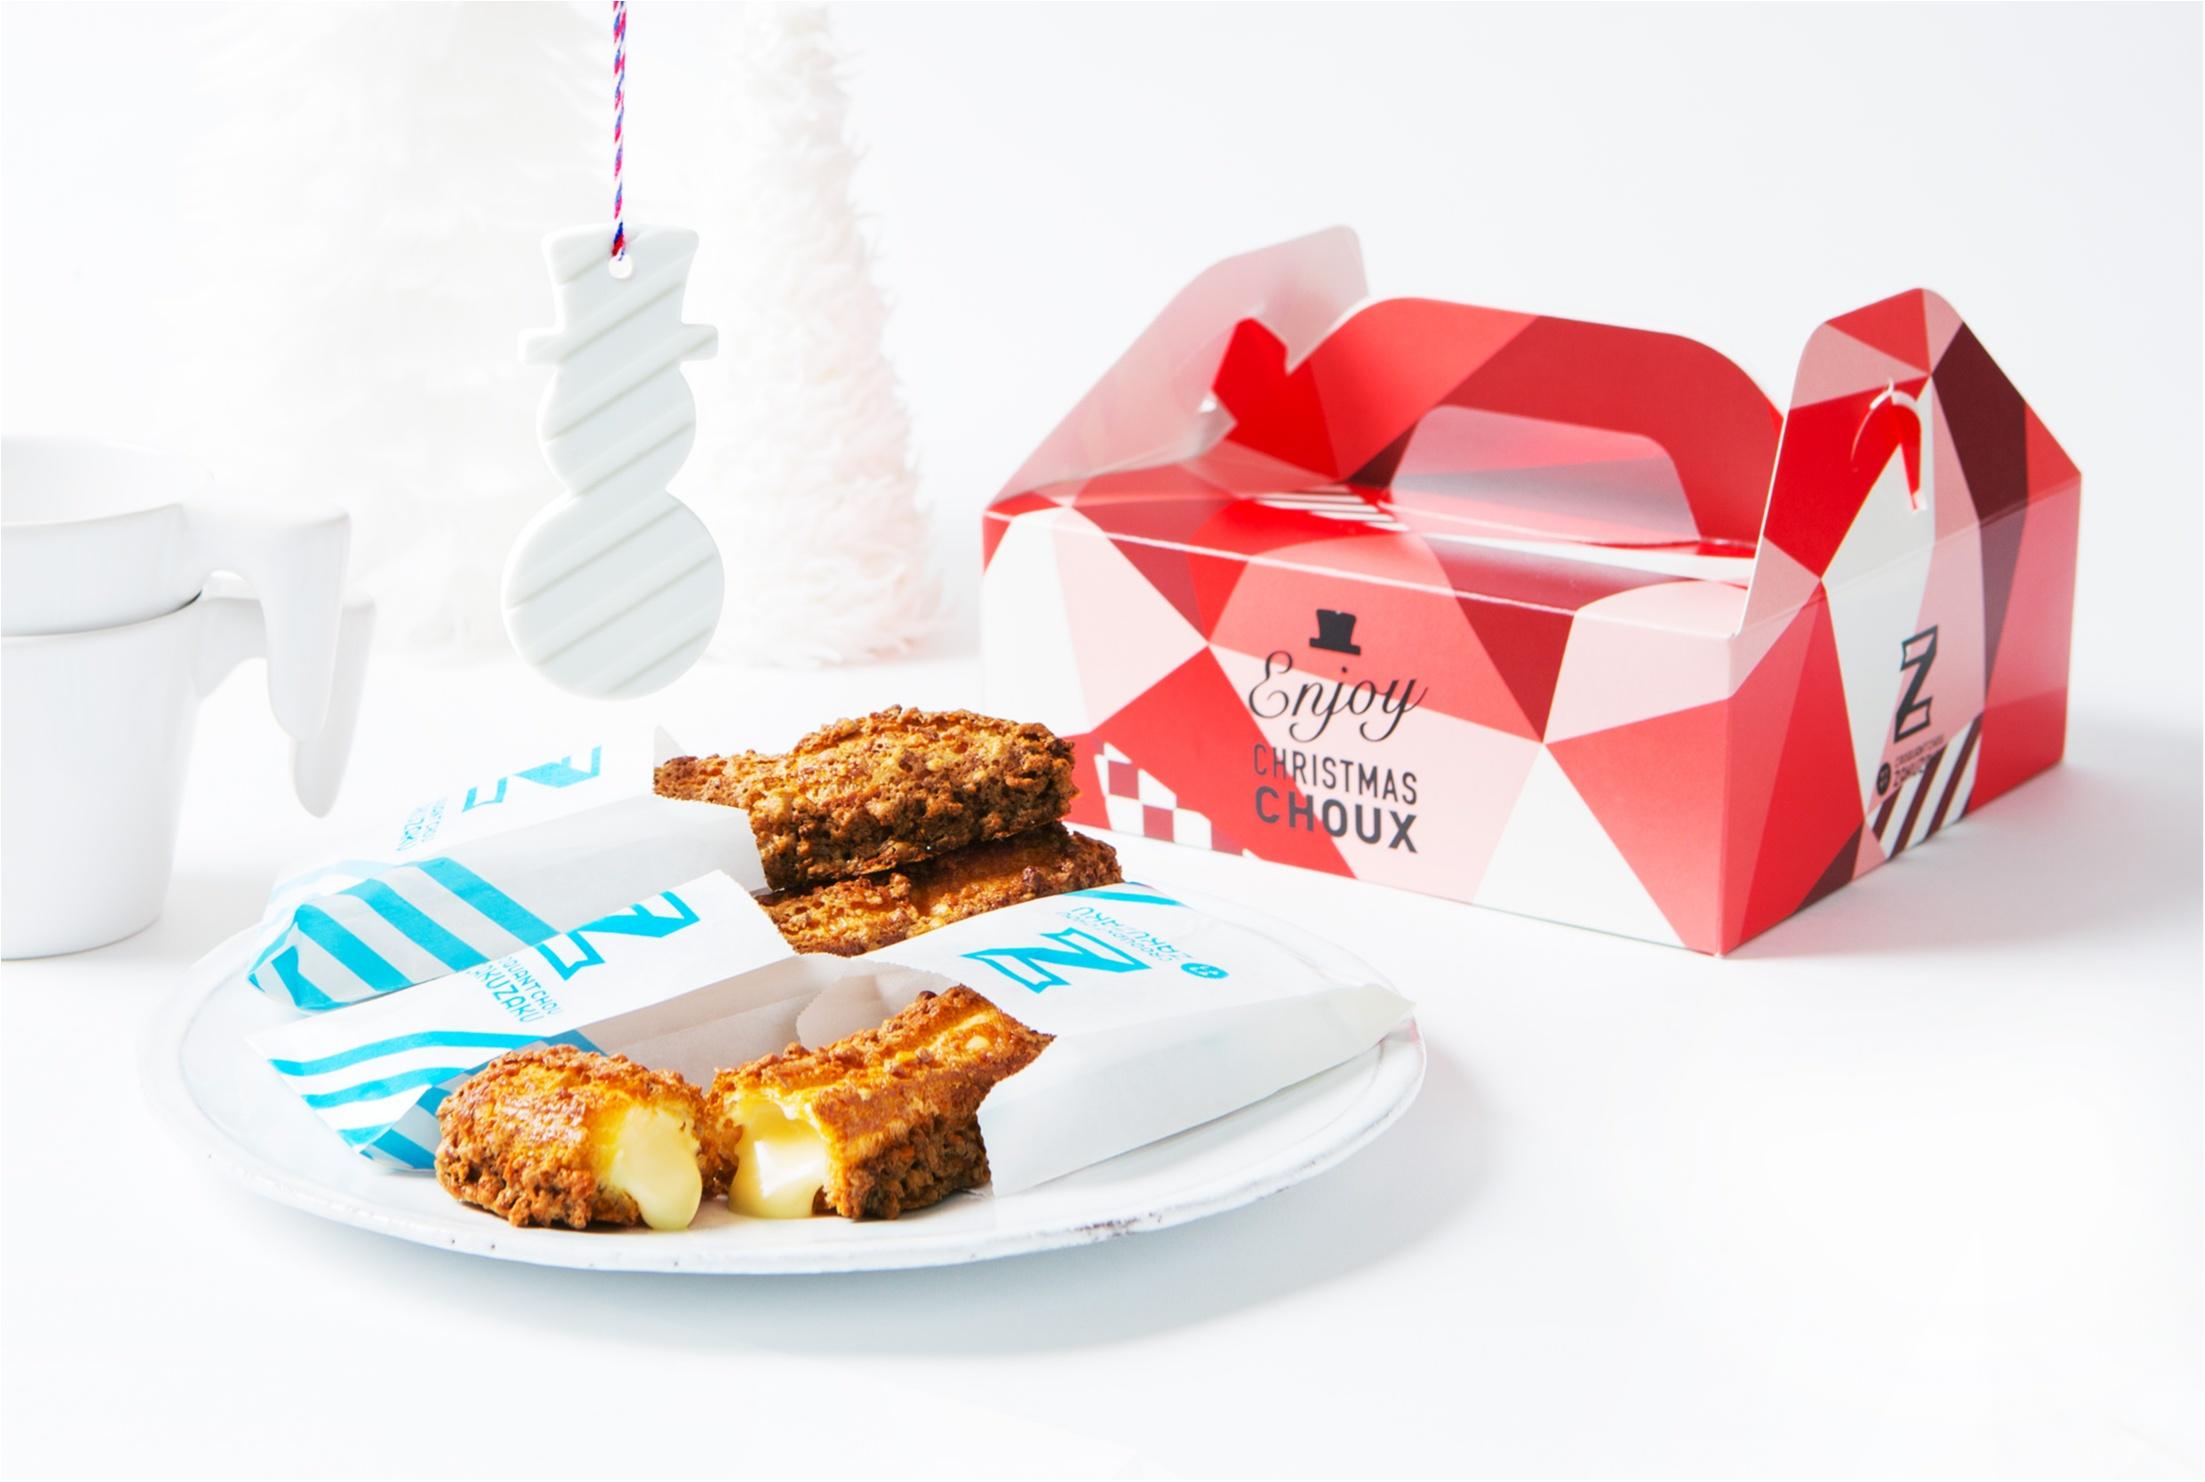 ピンクのソフトクリームがキュートすぎ♡ 『Z クロッカンシュー ザクザク』で「クリスマスベリーソフト」を期間限定発売!【12/25(月)まで】_2